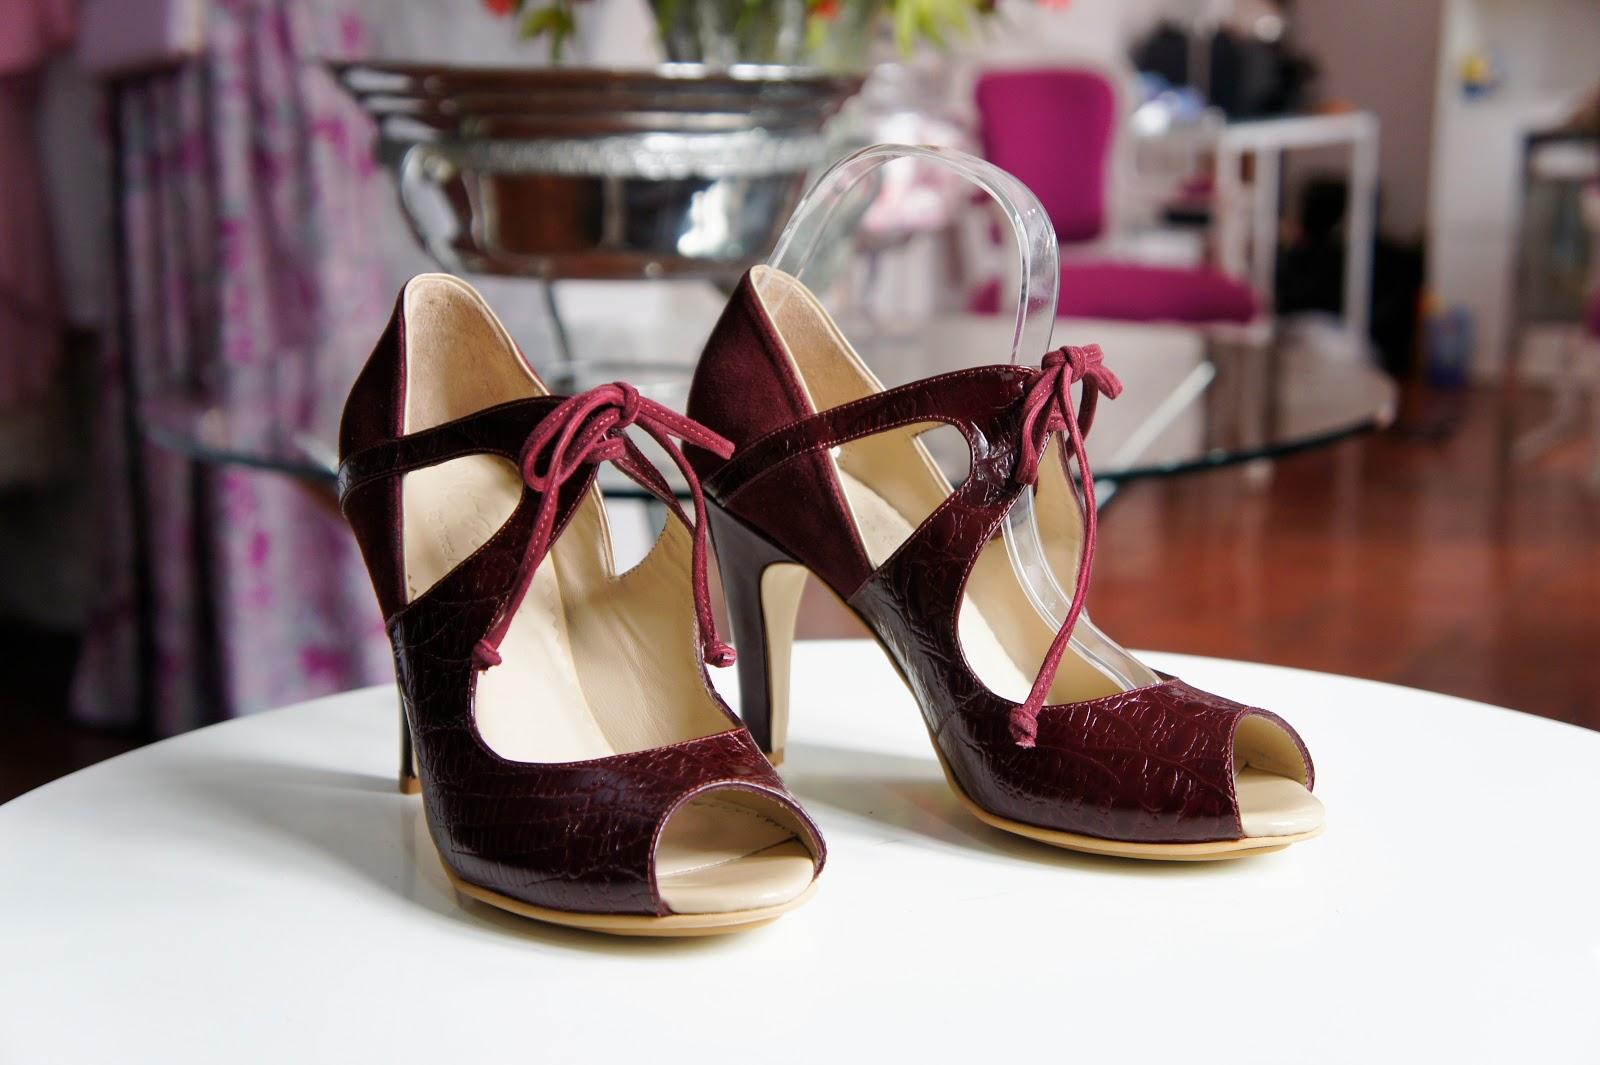 zapatos rojos oscuro